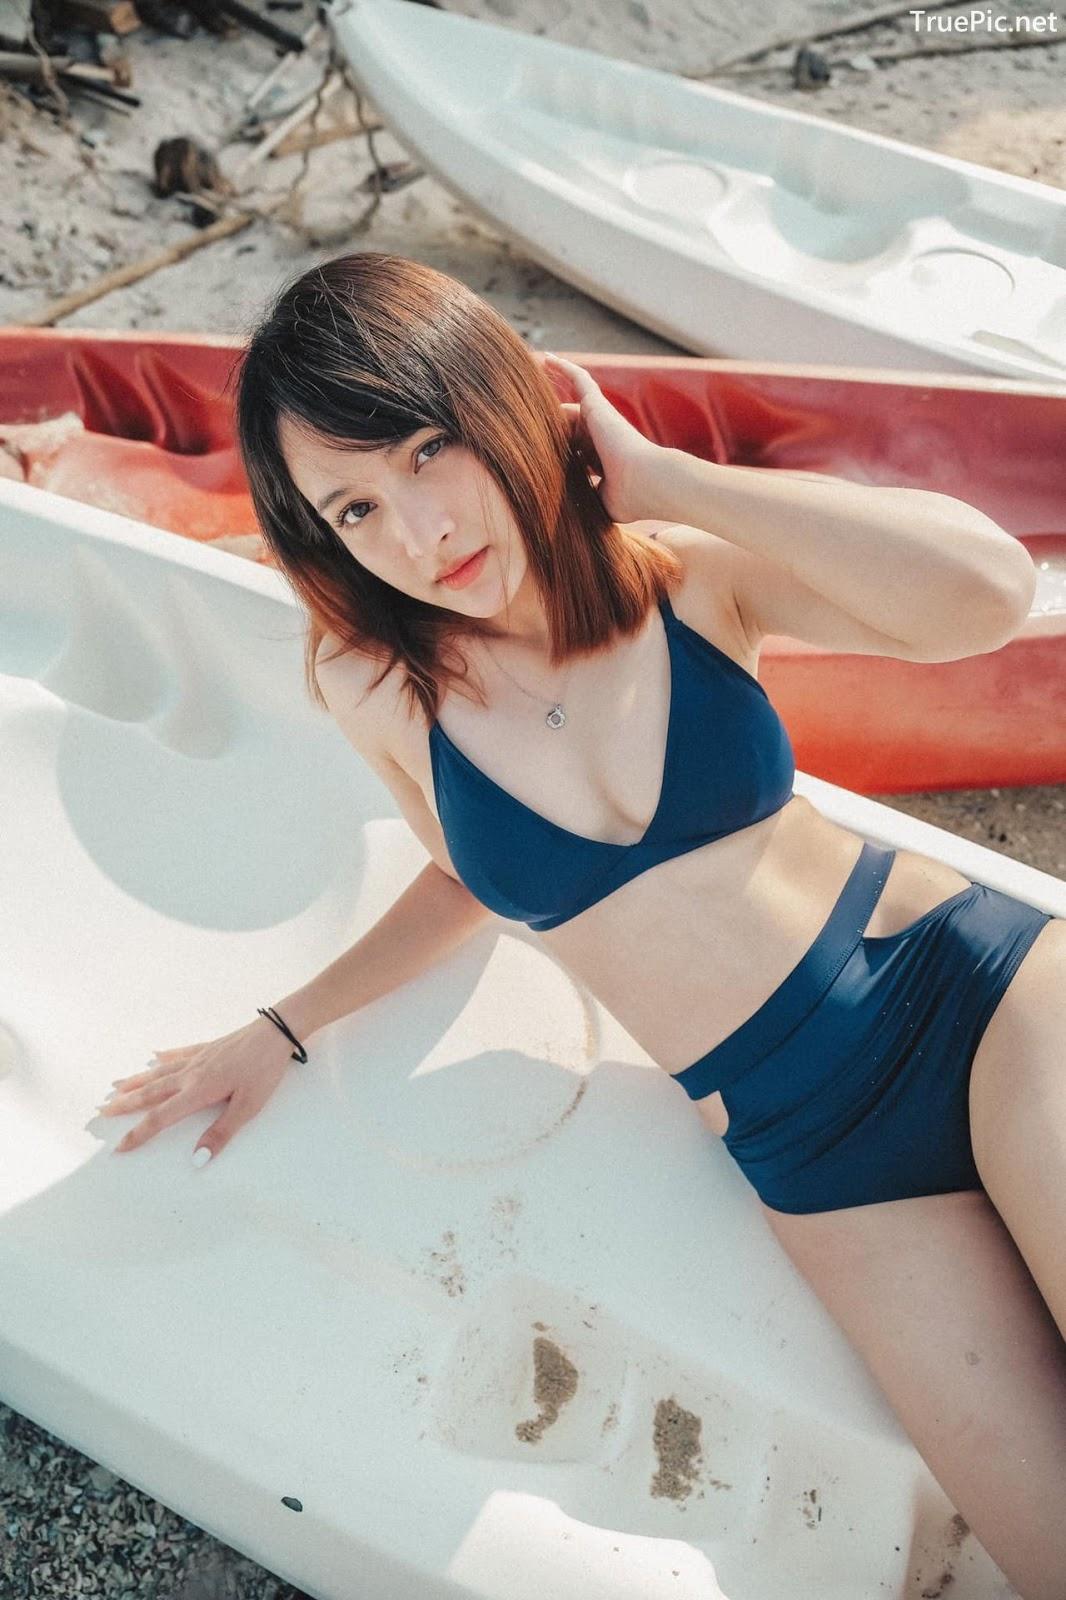 Image Thailand Model - Catherina Nybraaten - Dark Blue Bikini - TruePic.net - Picture-2